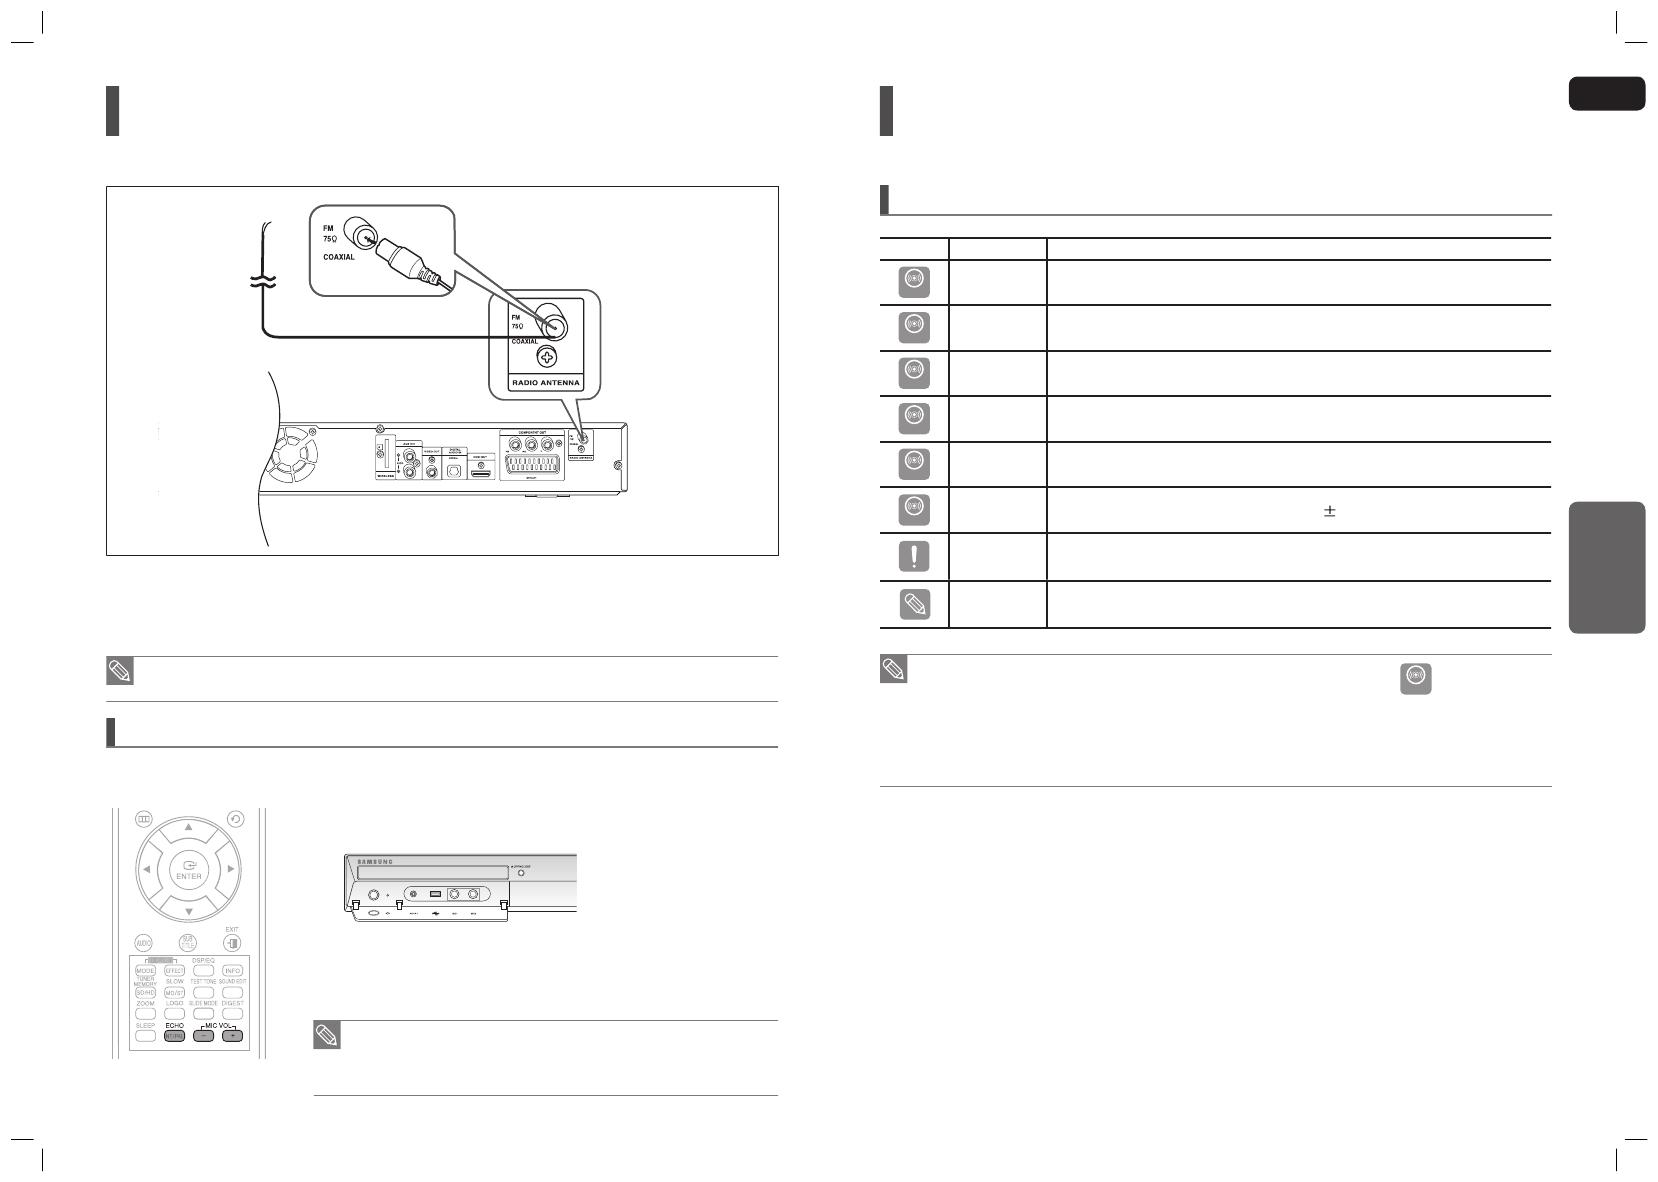 инструкция подключения akai домашний кинотеатр as r8016ssp